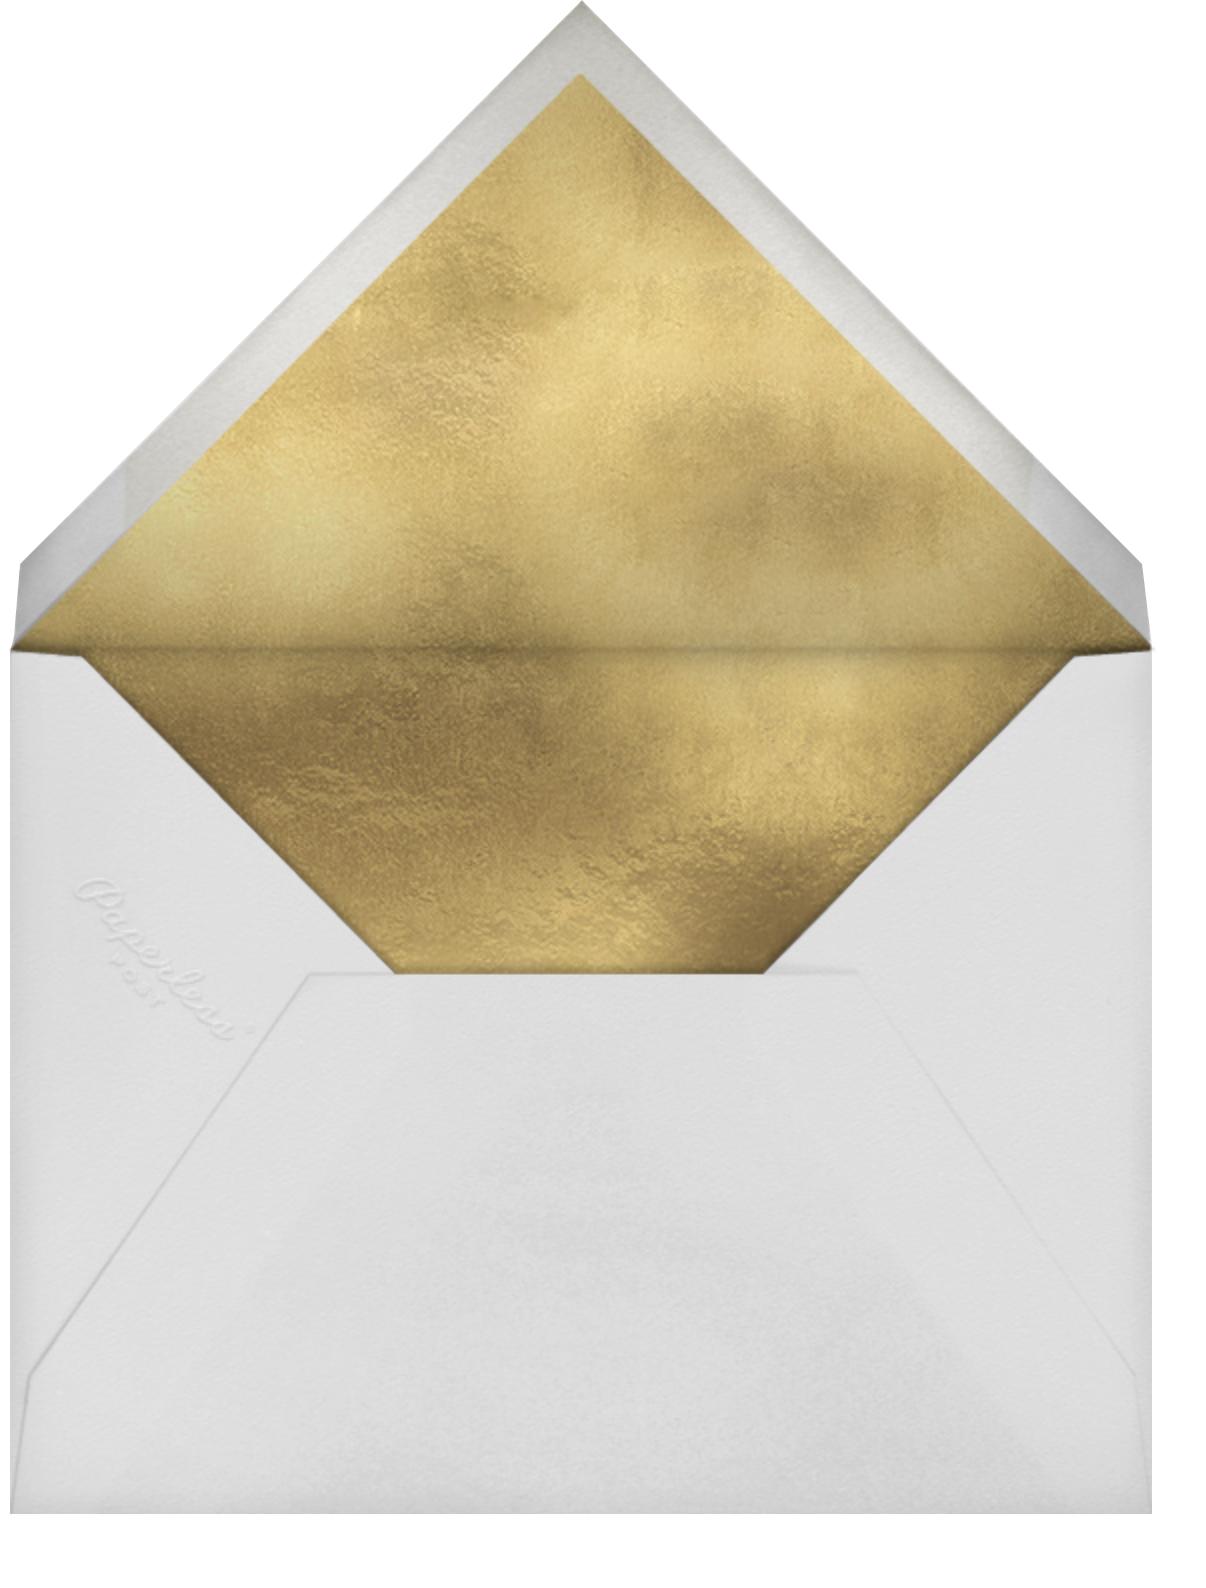 Ethereal Wash Photo - Ashley G - Birthday - envelope back